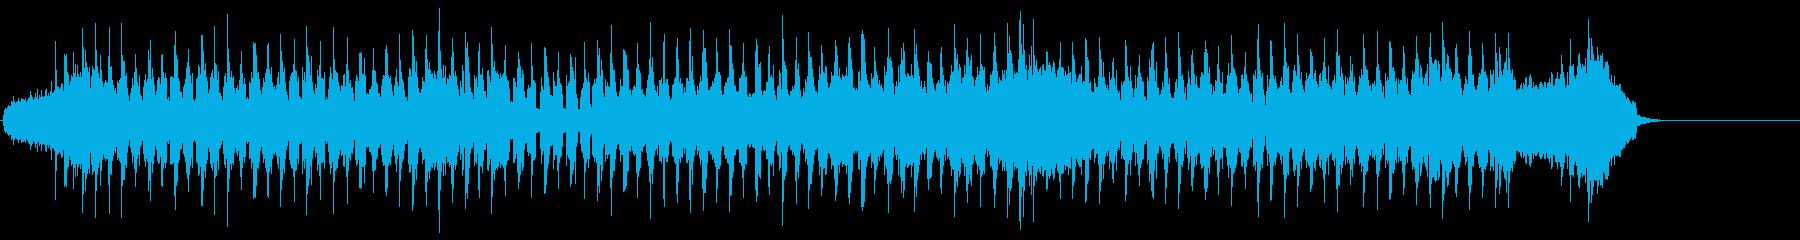 バロック調の爽やかシャッフルポップスの再生済みの波形